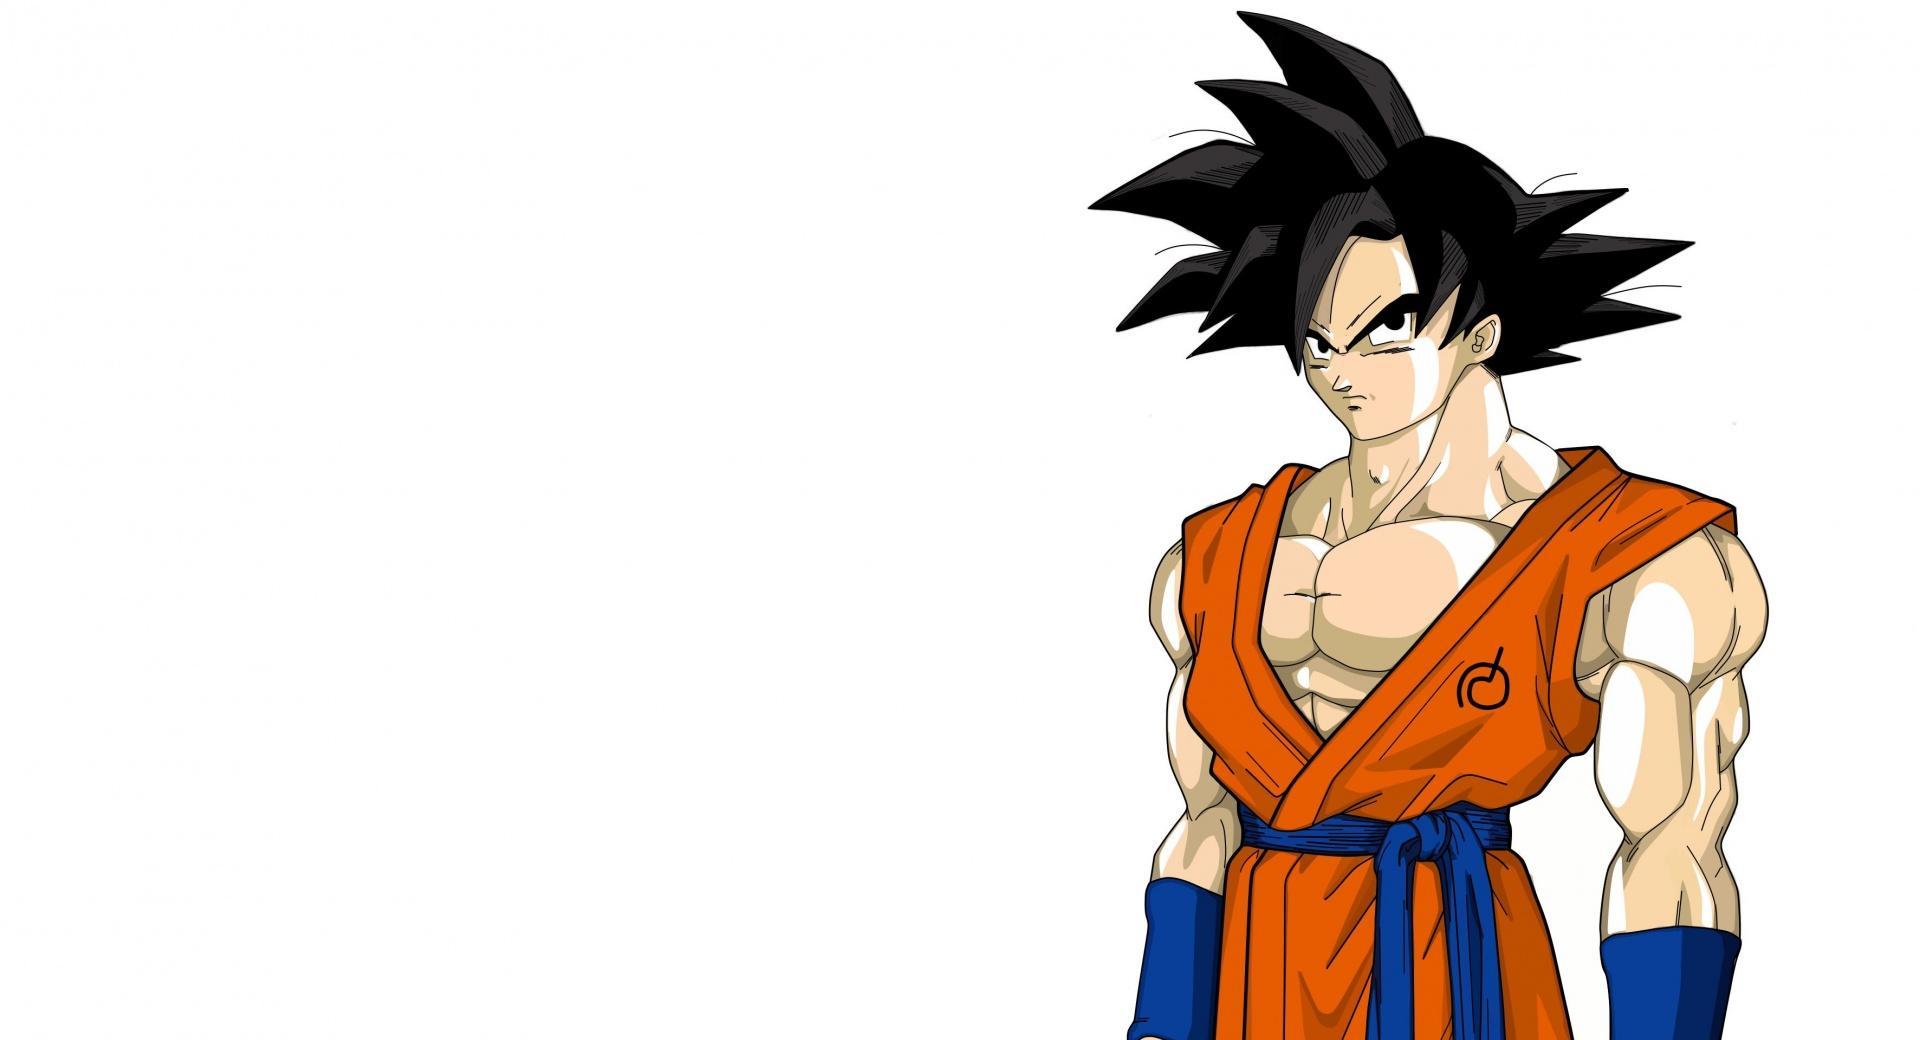 Goku Fukkatsu No F wallpapers HD quality